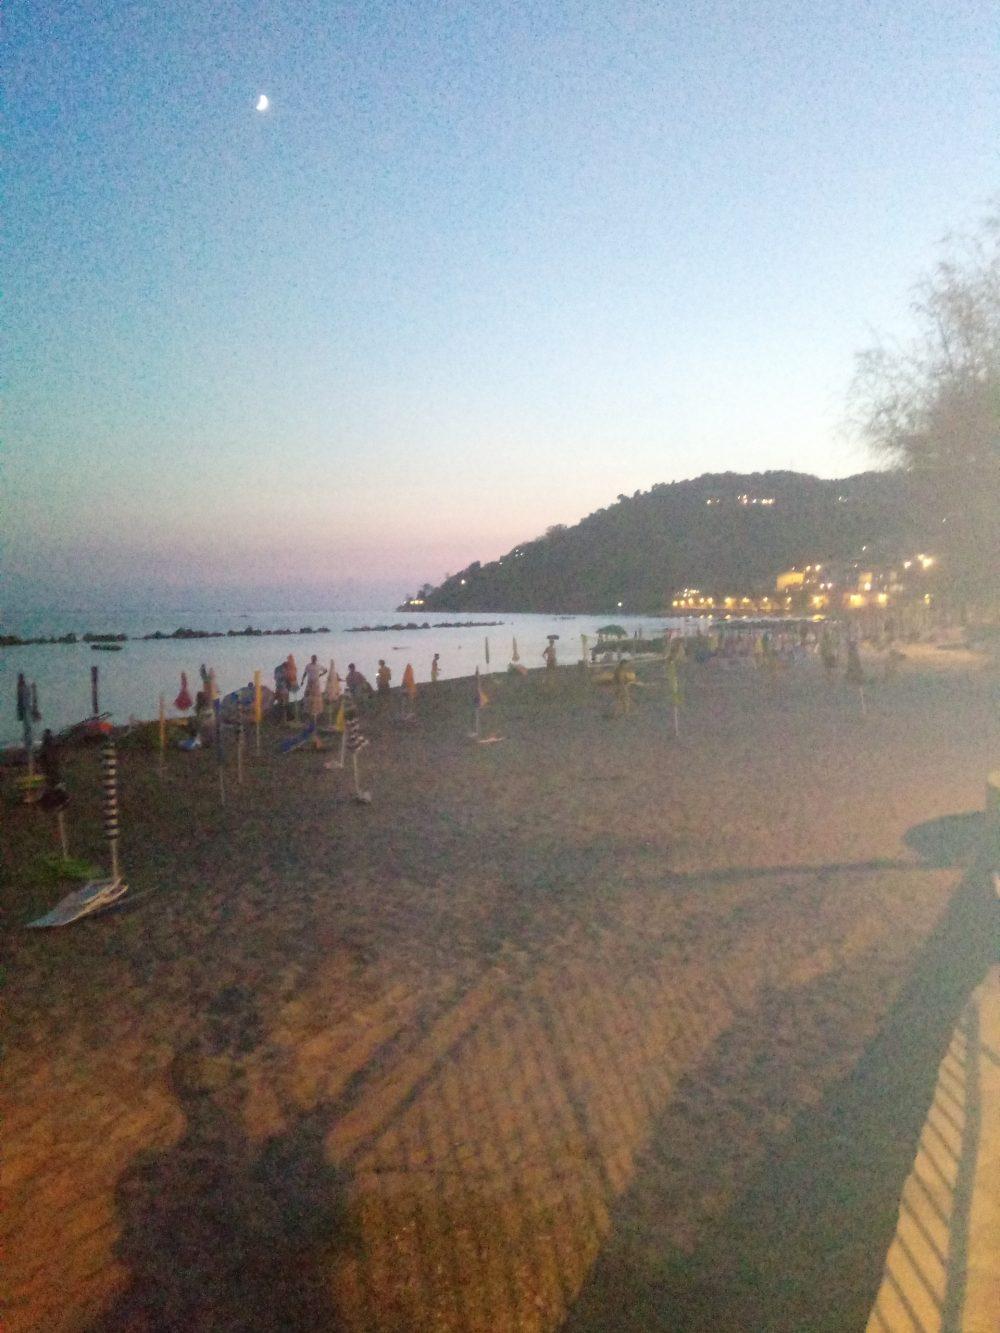 Il mare e la spiaggia di Pioppi di notte